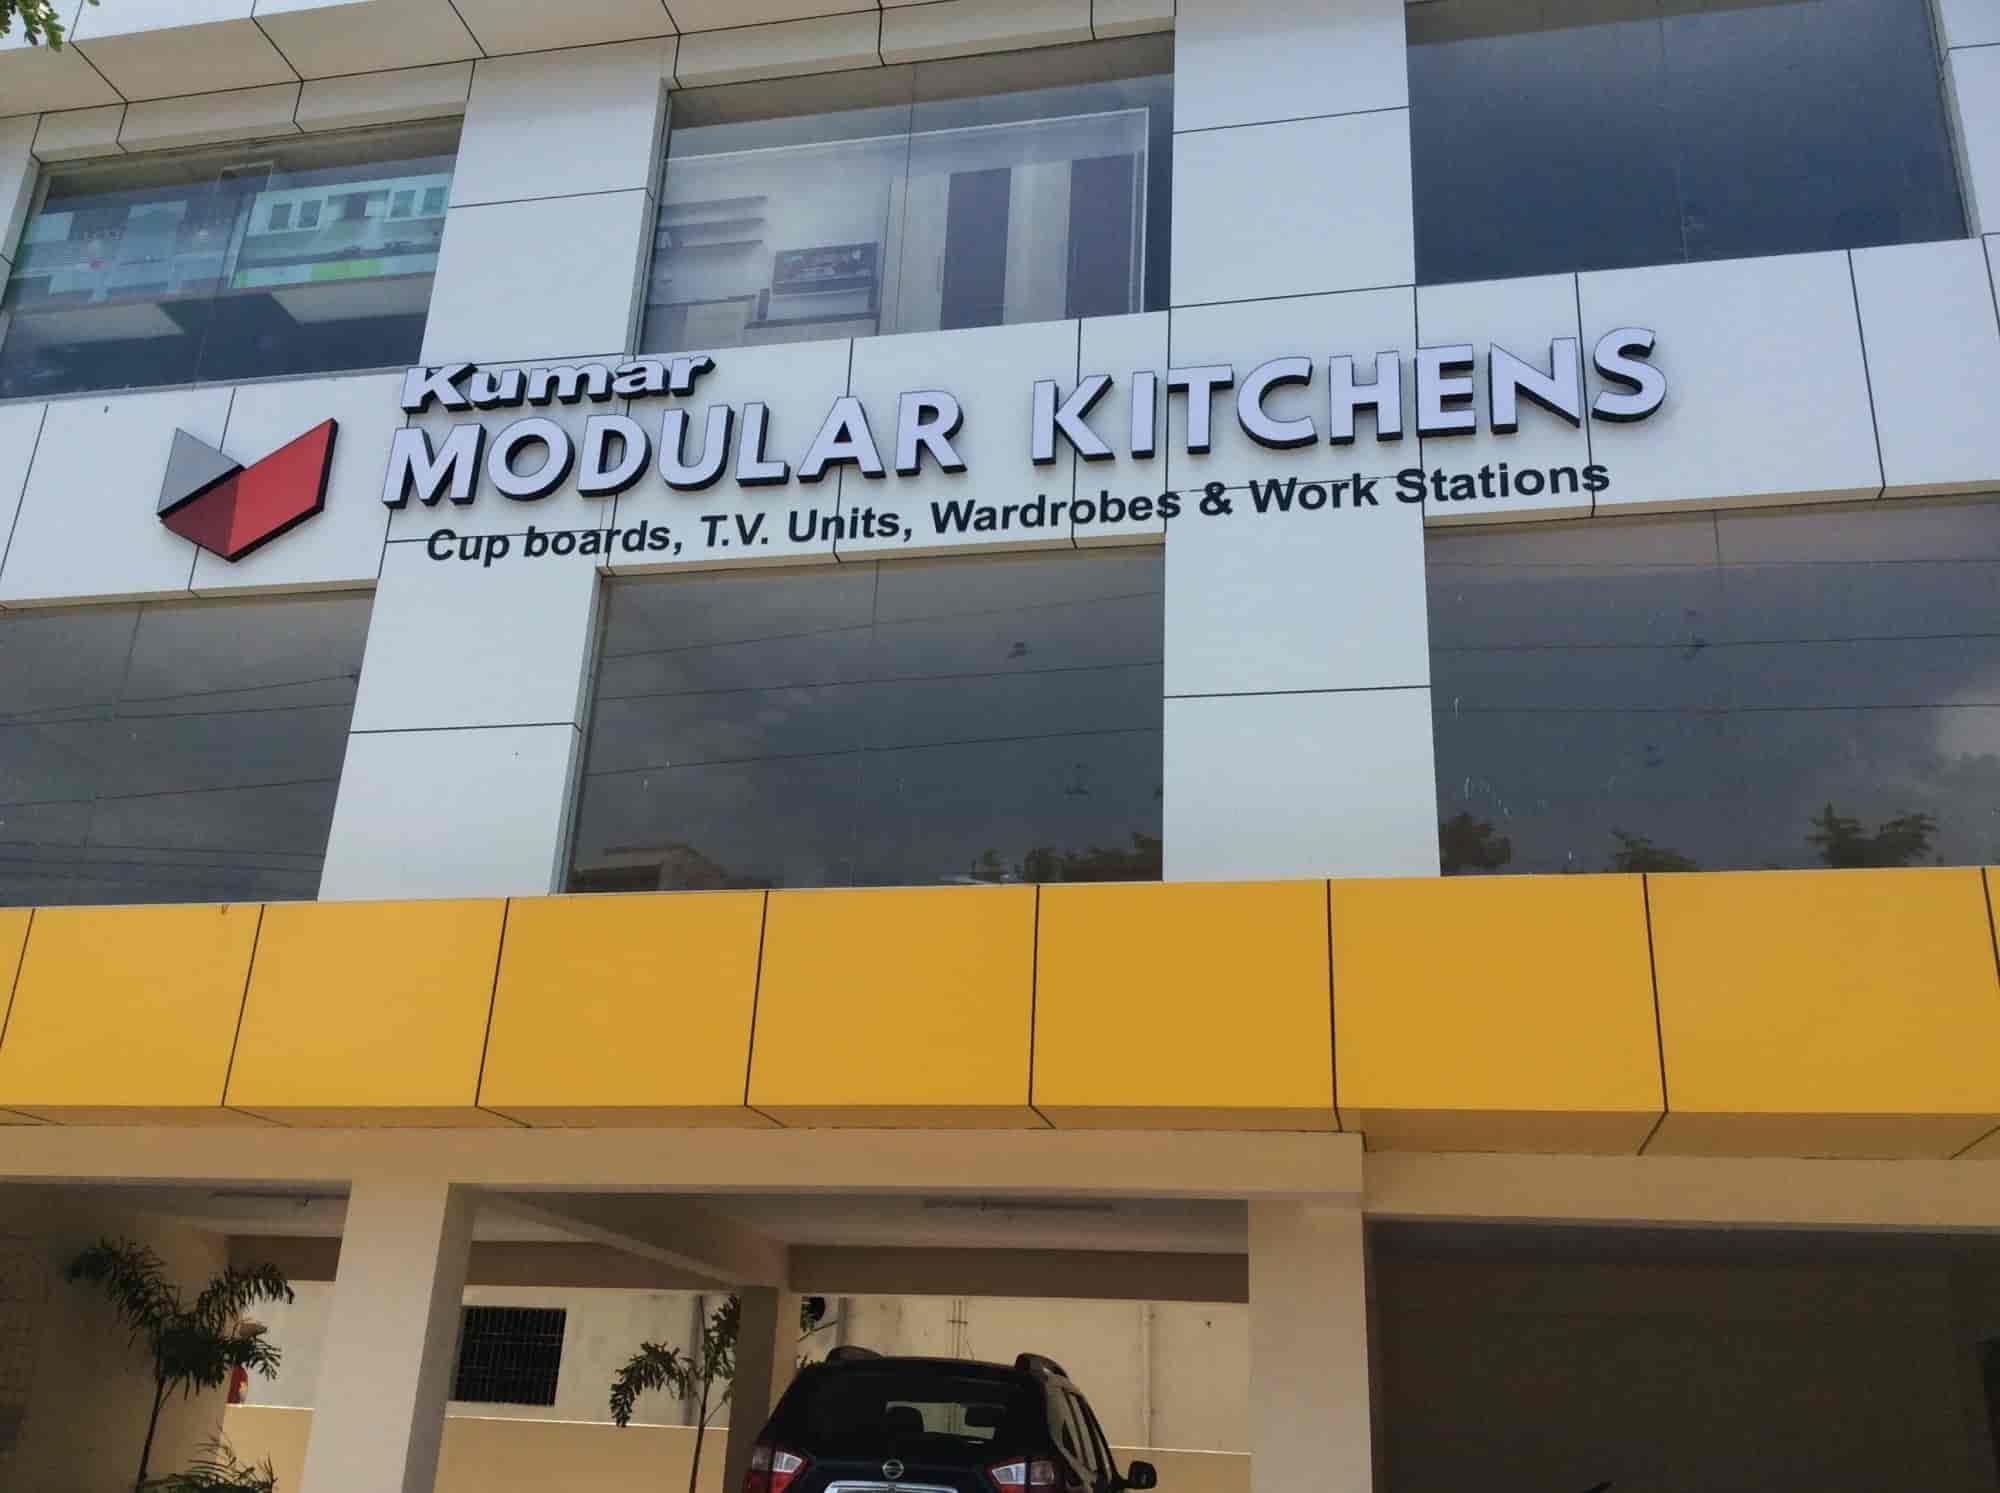 kumar n graving modulars photos gurudwara junction visakhapatnam